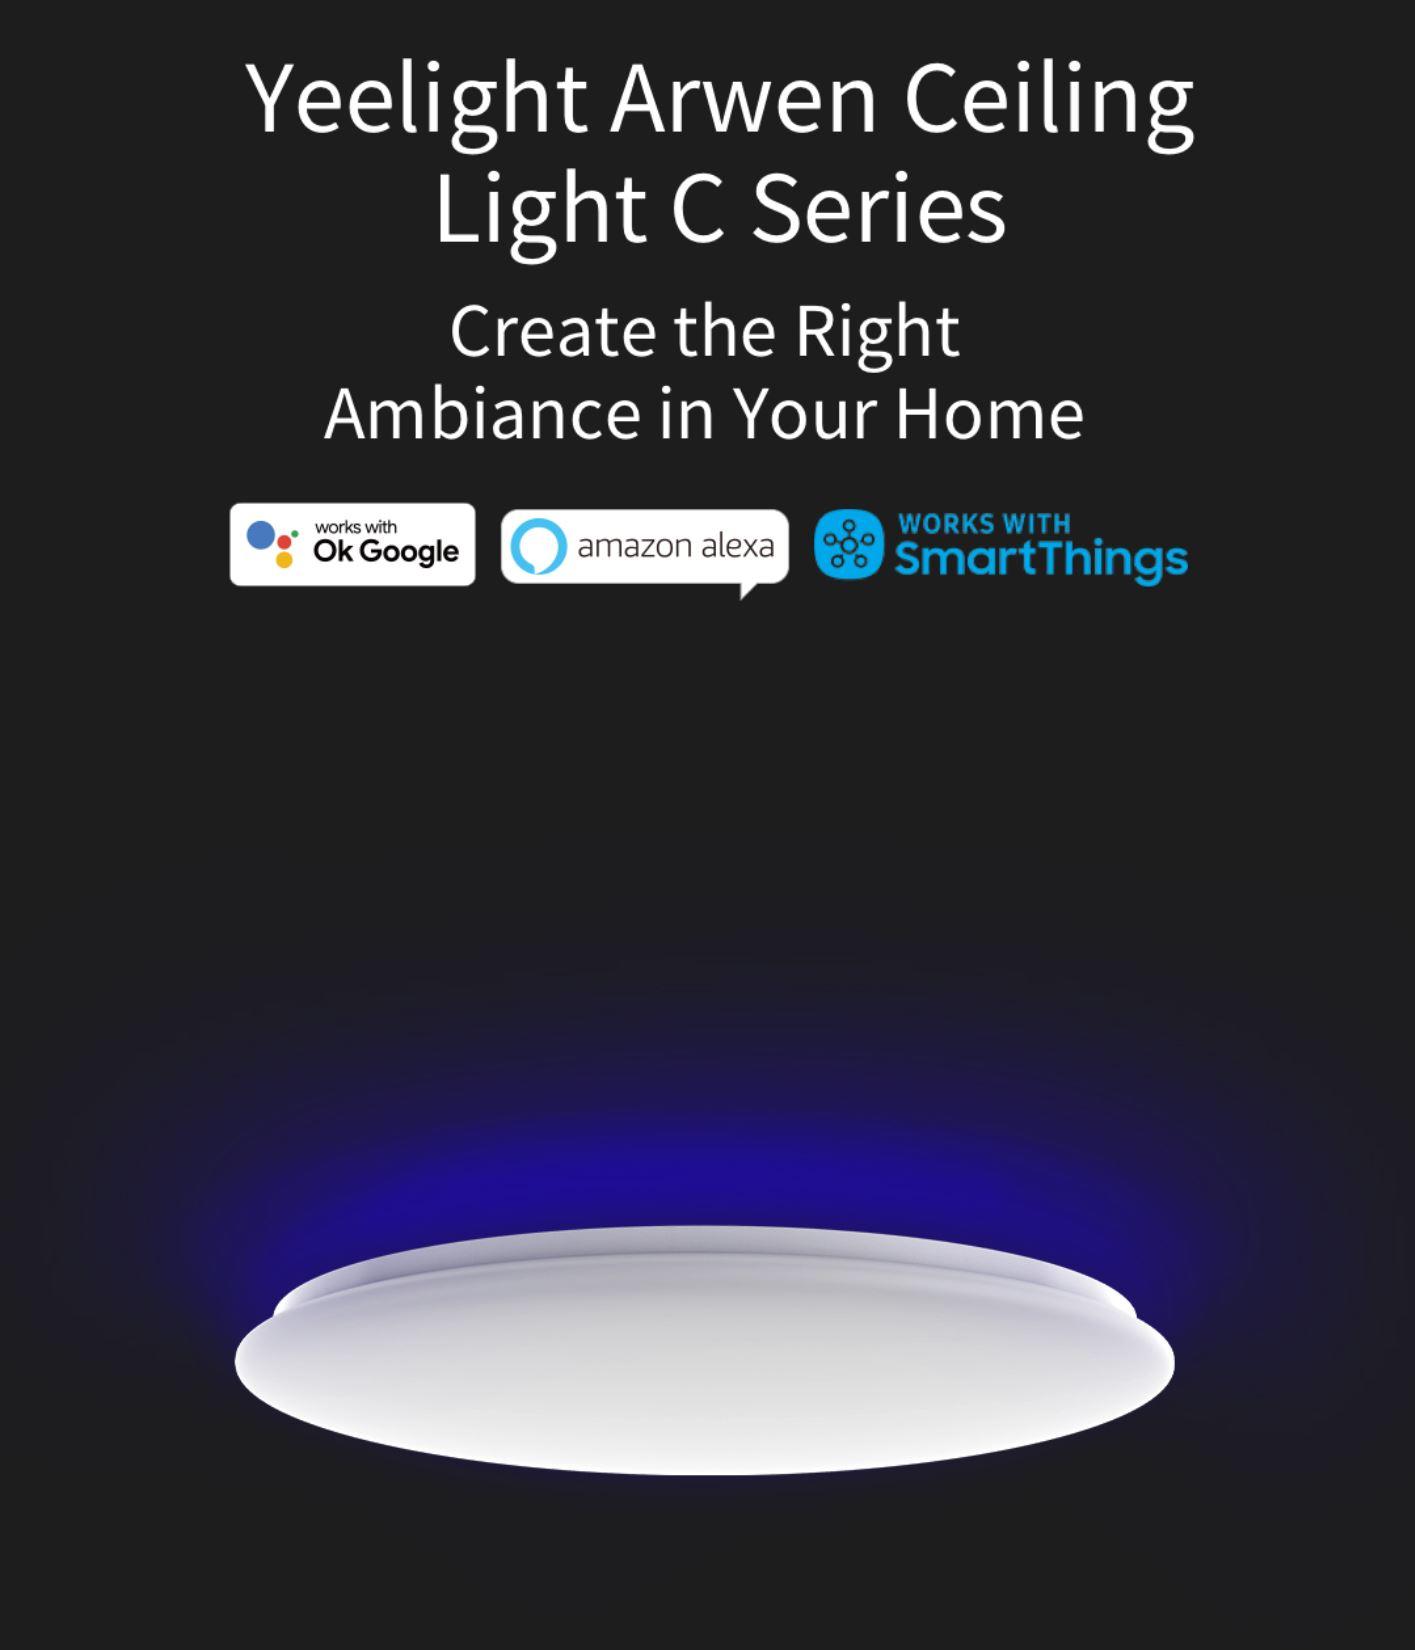 Rozświetl swój dom z Yeelight - świetna oferta na inteligentne żarówki, lampy i plafony - inteligentny plafon ledowy Yeelight Arwen